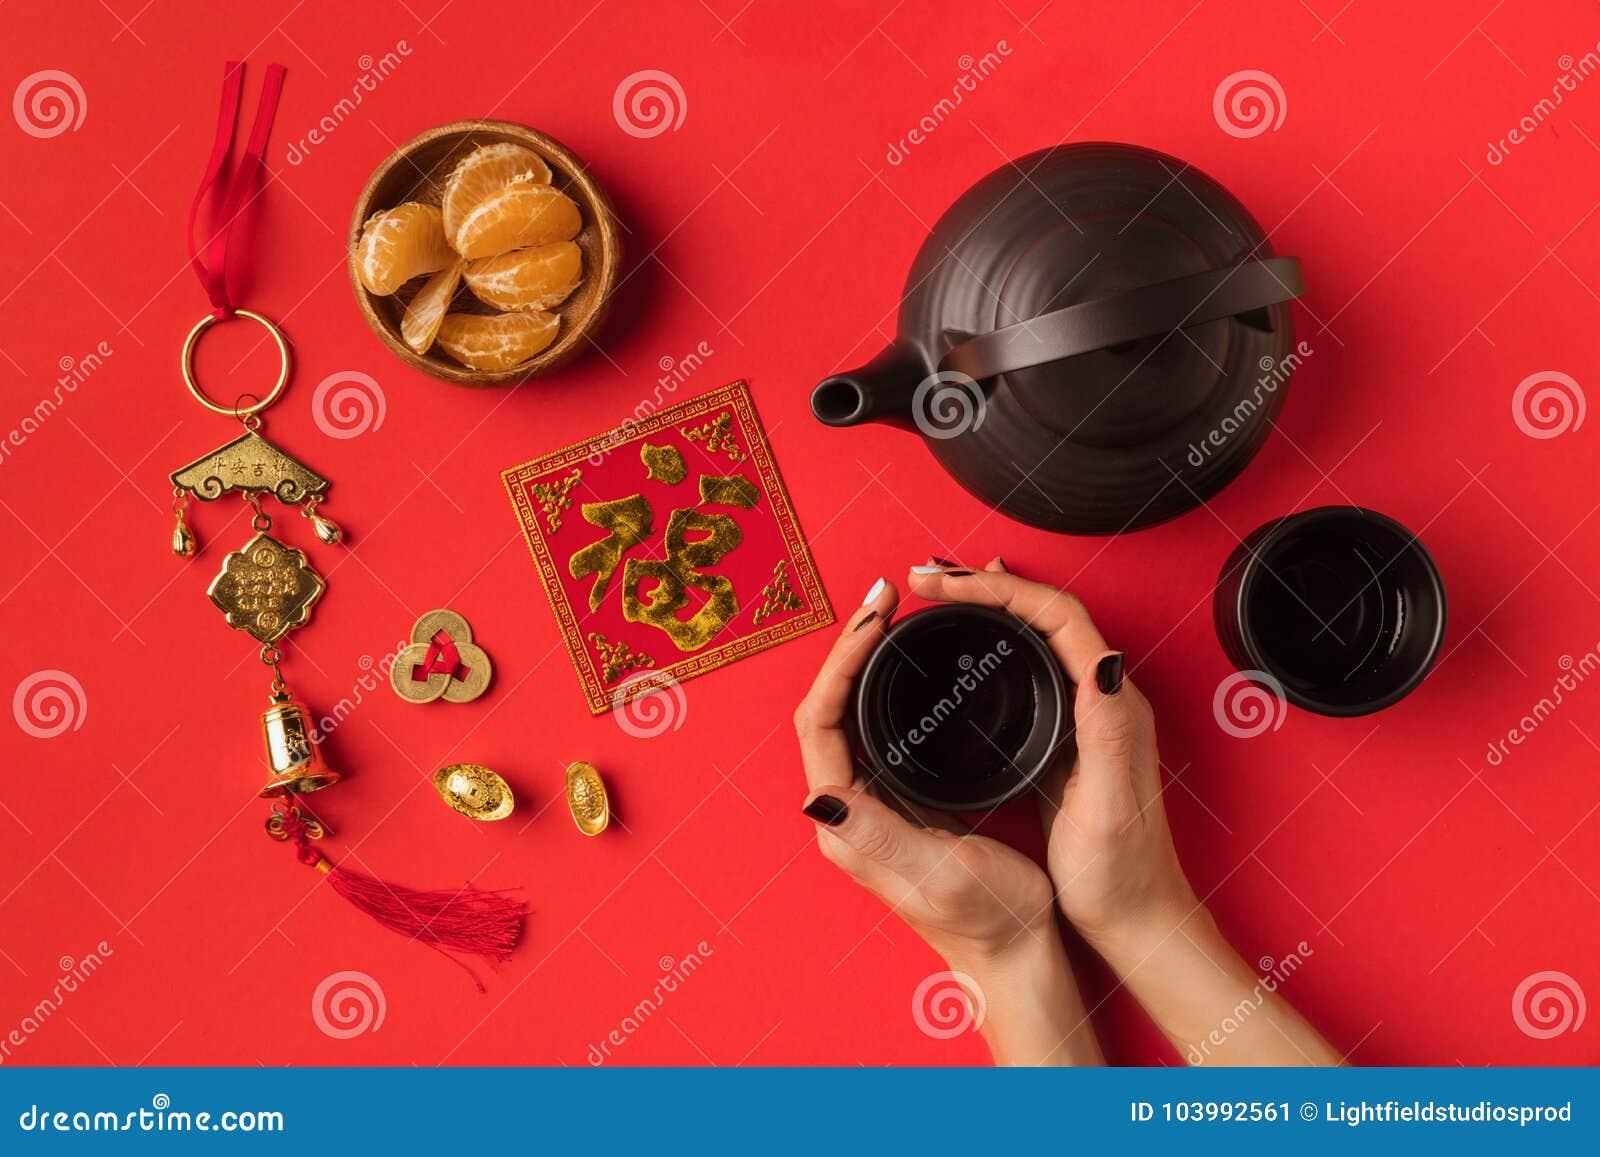 Orientalne dekoracje i herbata set